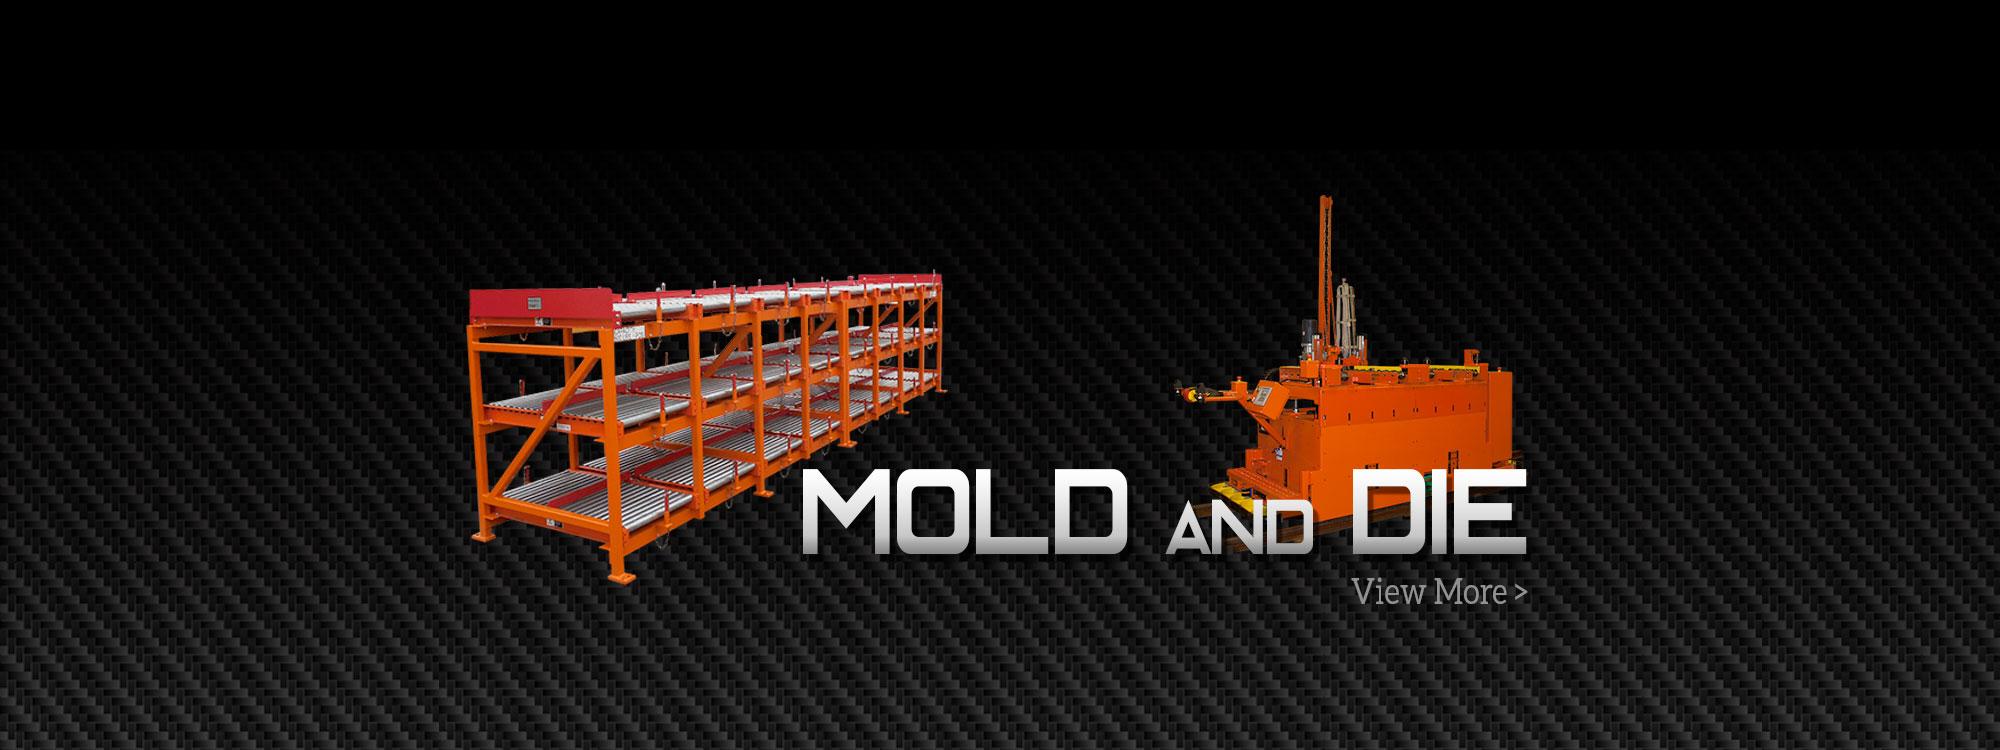 molddie